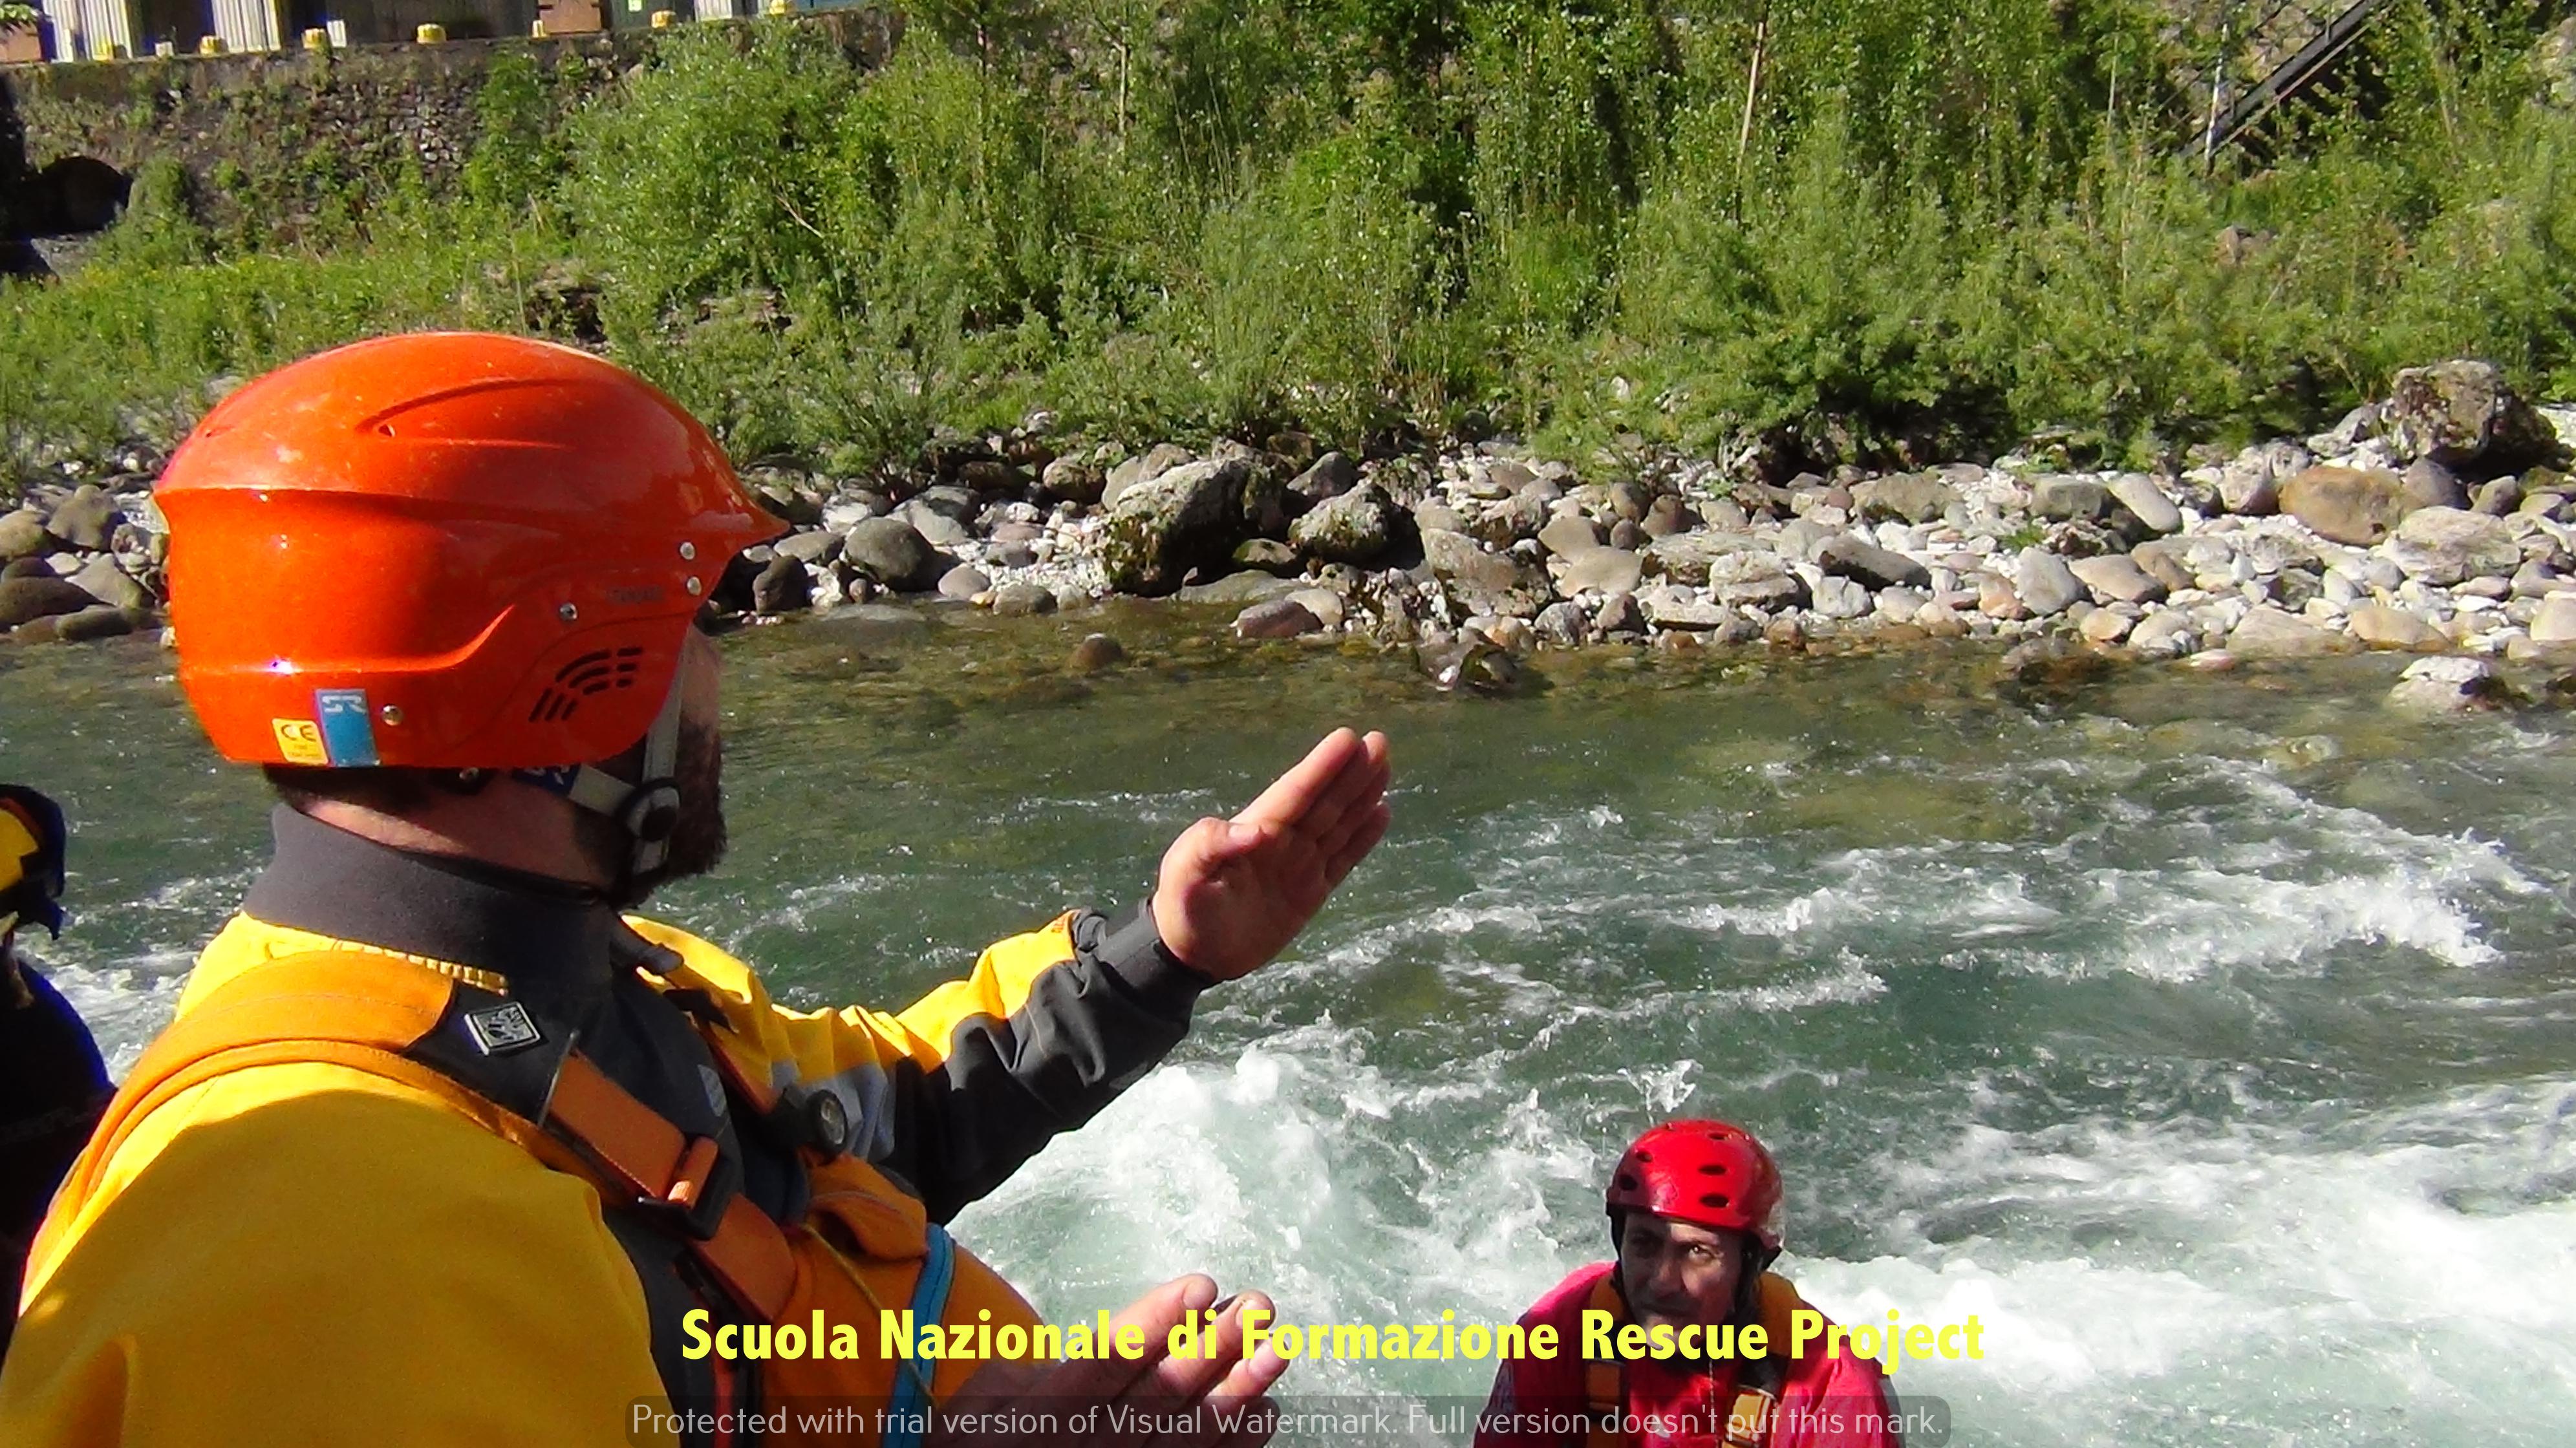 Scuola Nazionale di Formazione Rescue Project5